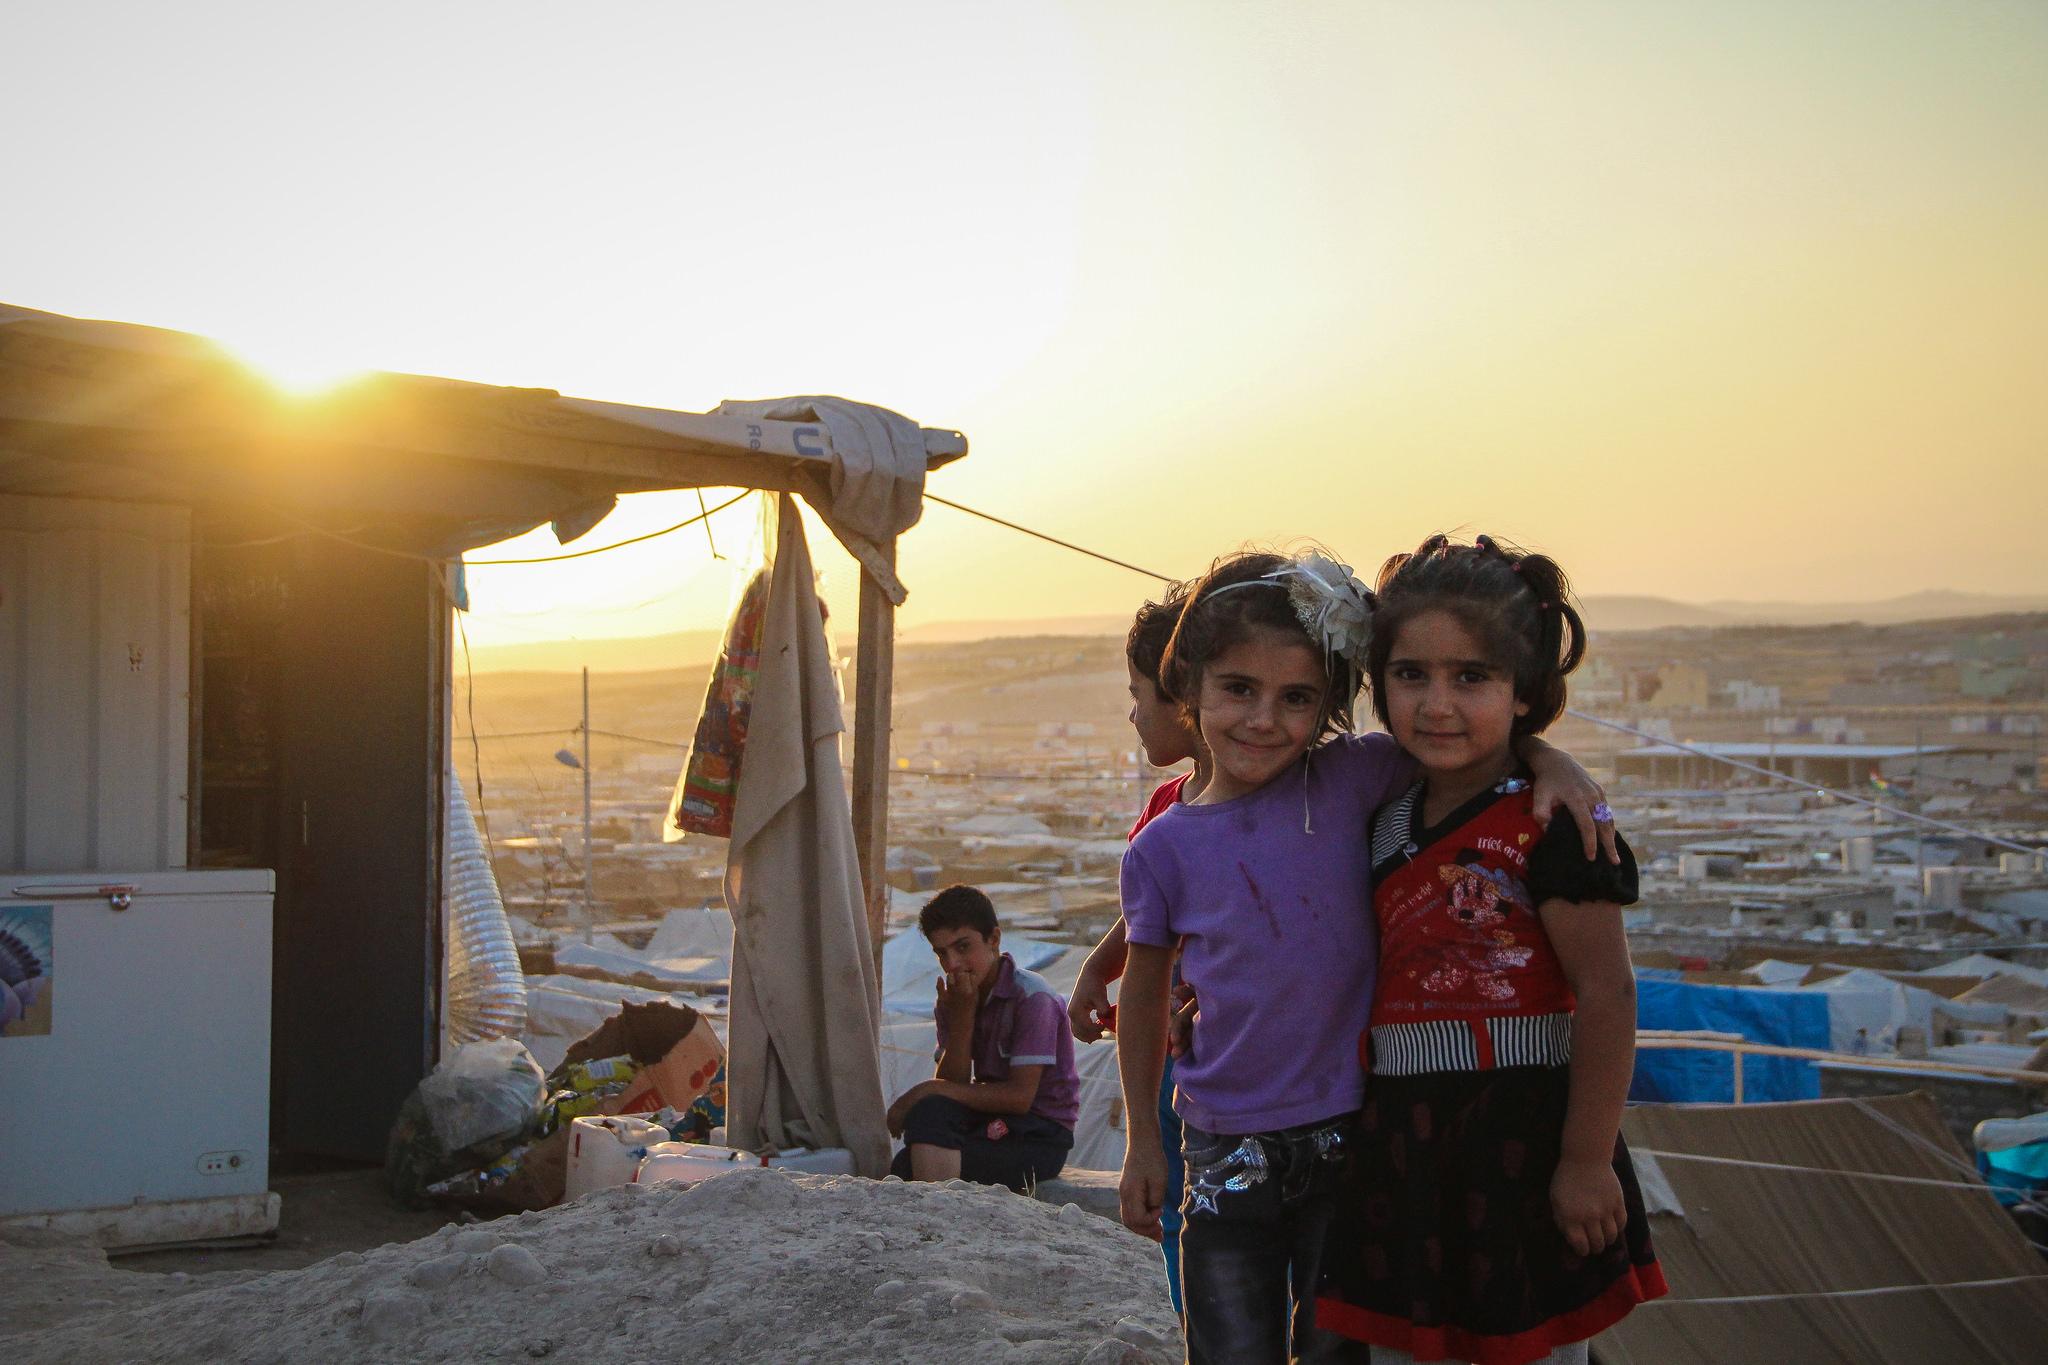 refugees Iraq